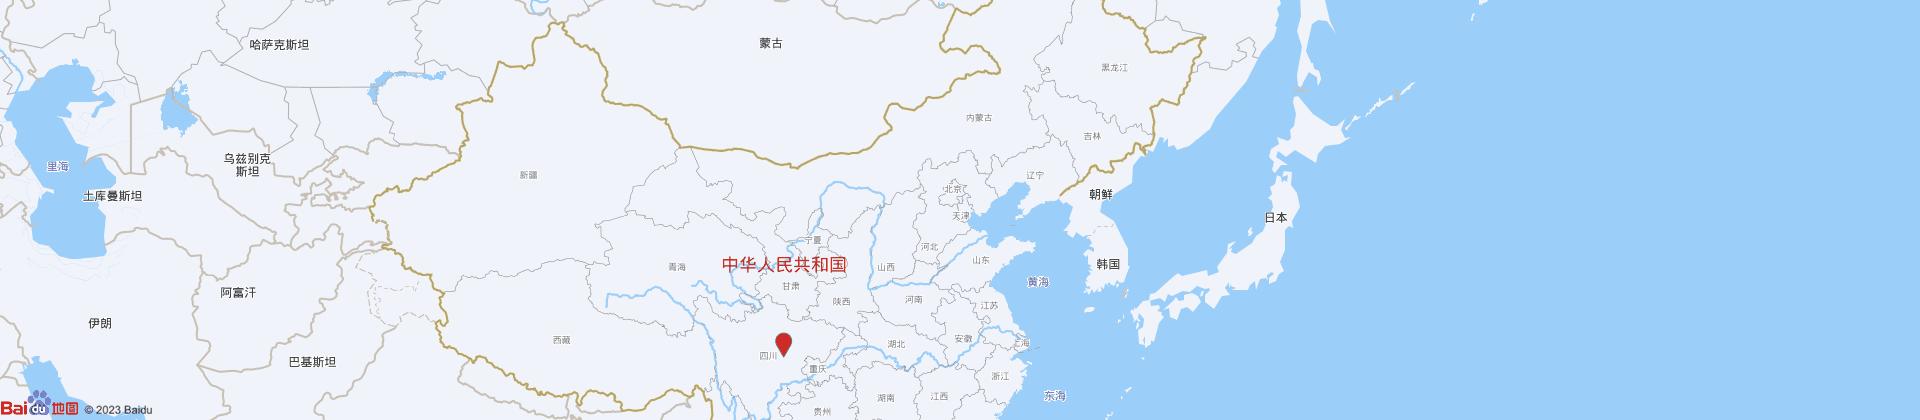 天津亚洲家电维修专业培训学校